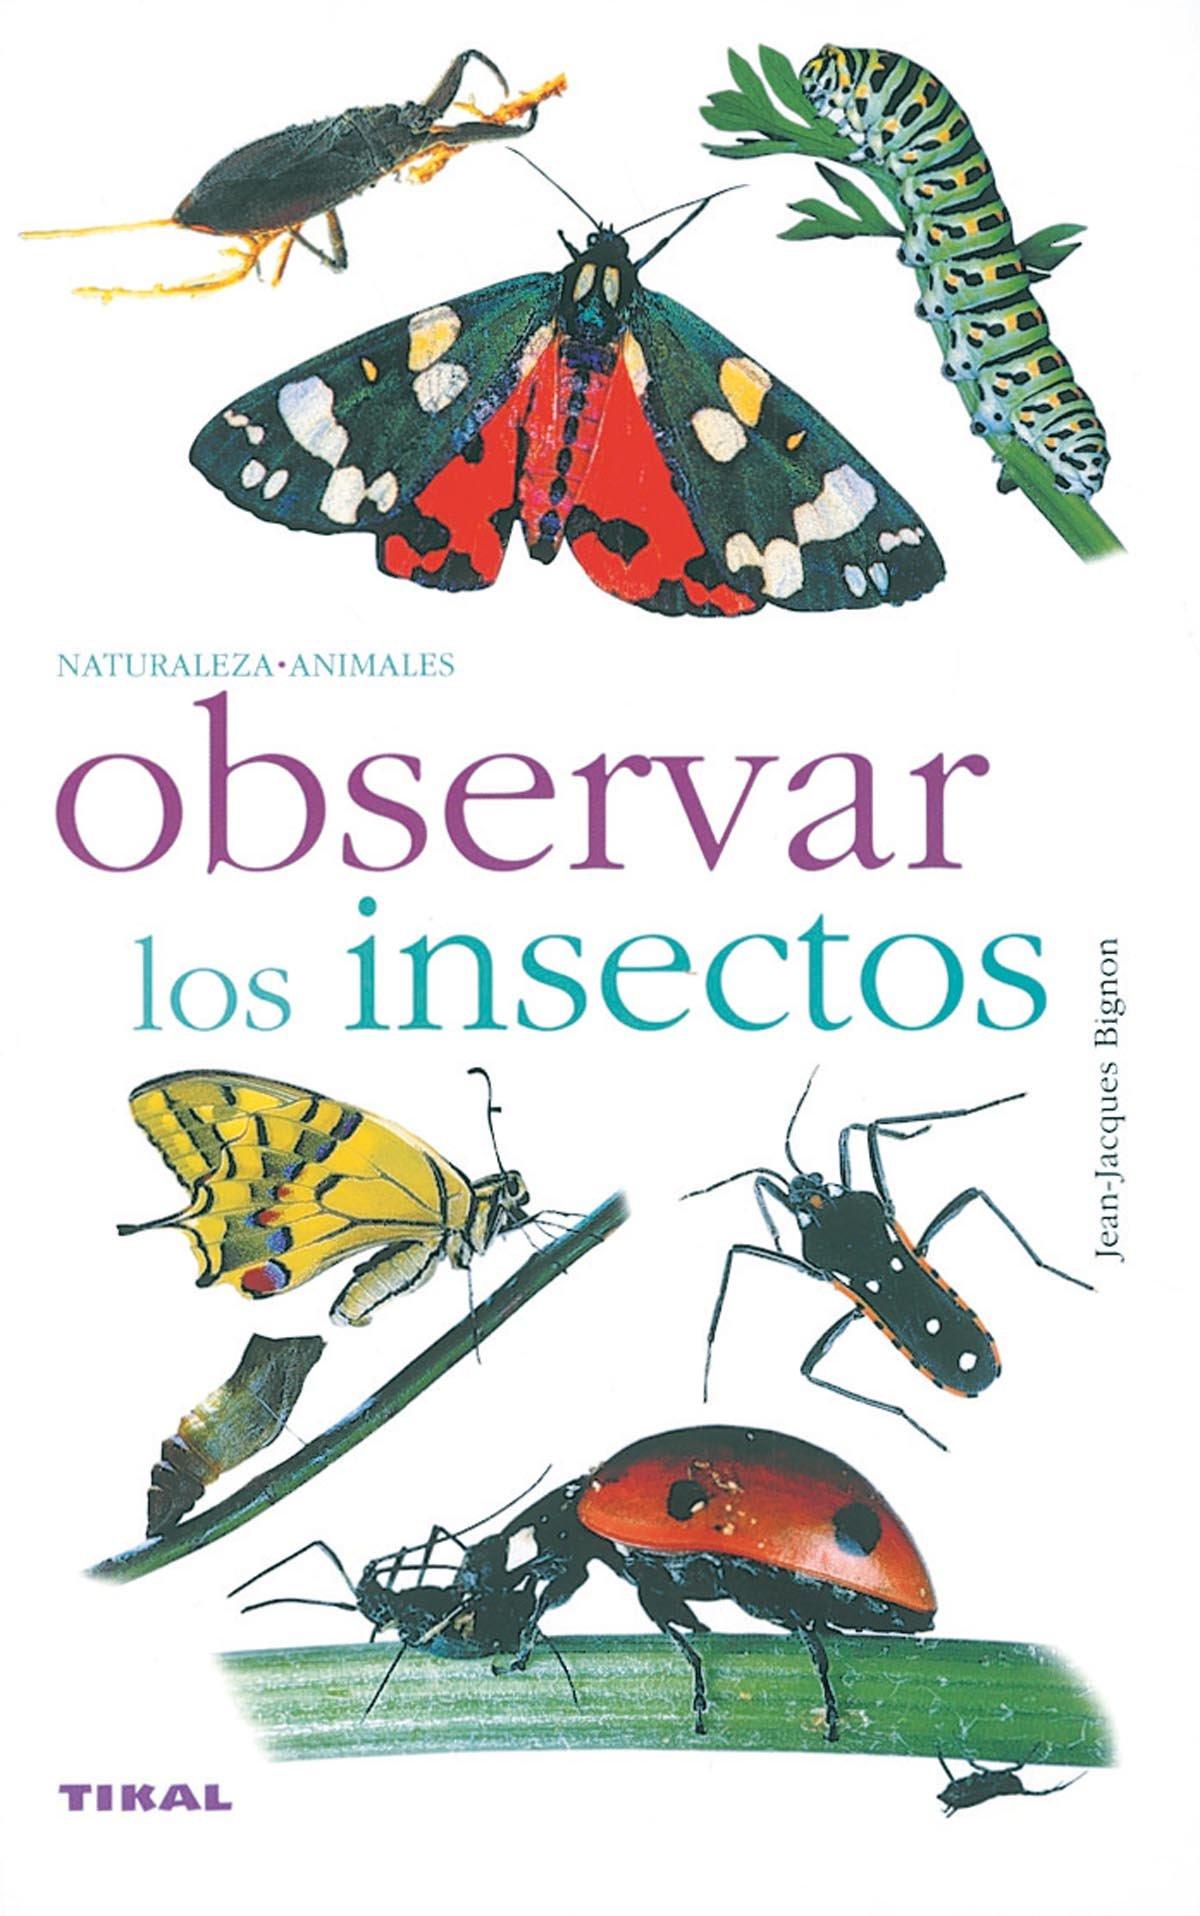 Observar Los Insectos(Naturaleza-Animales): Amazon.es: Bignon, Jean-Jacques: Libros